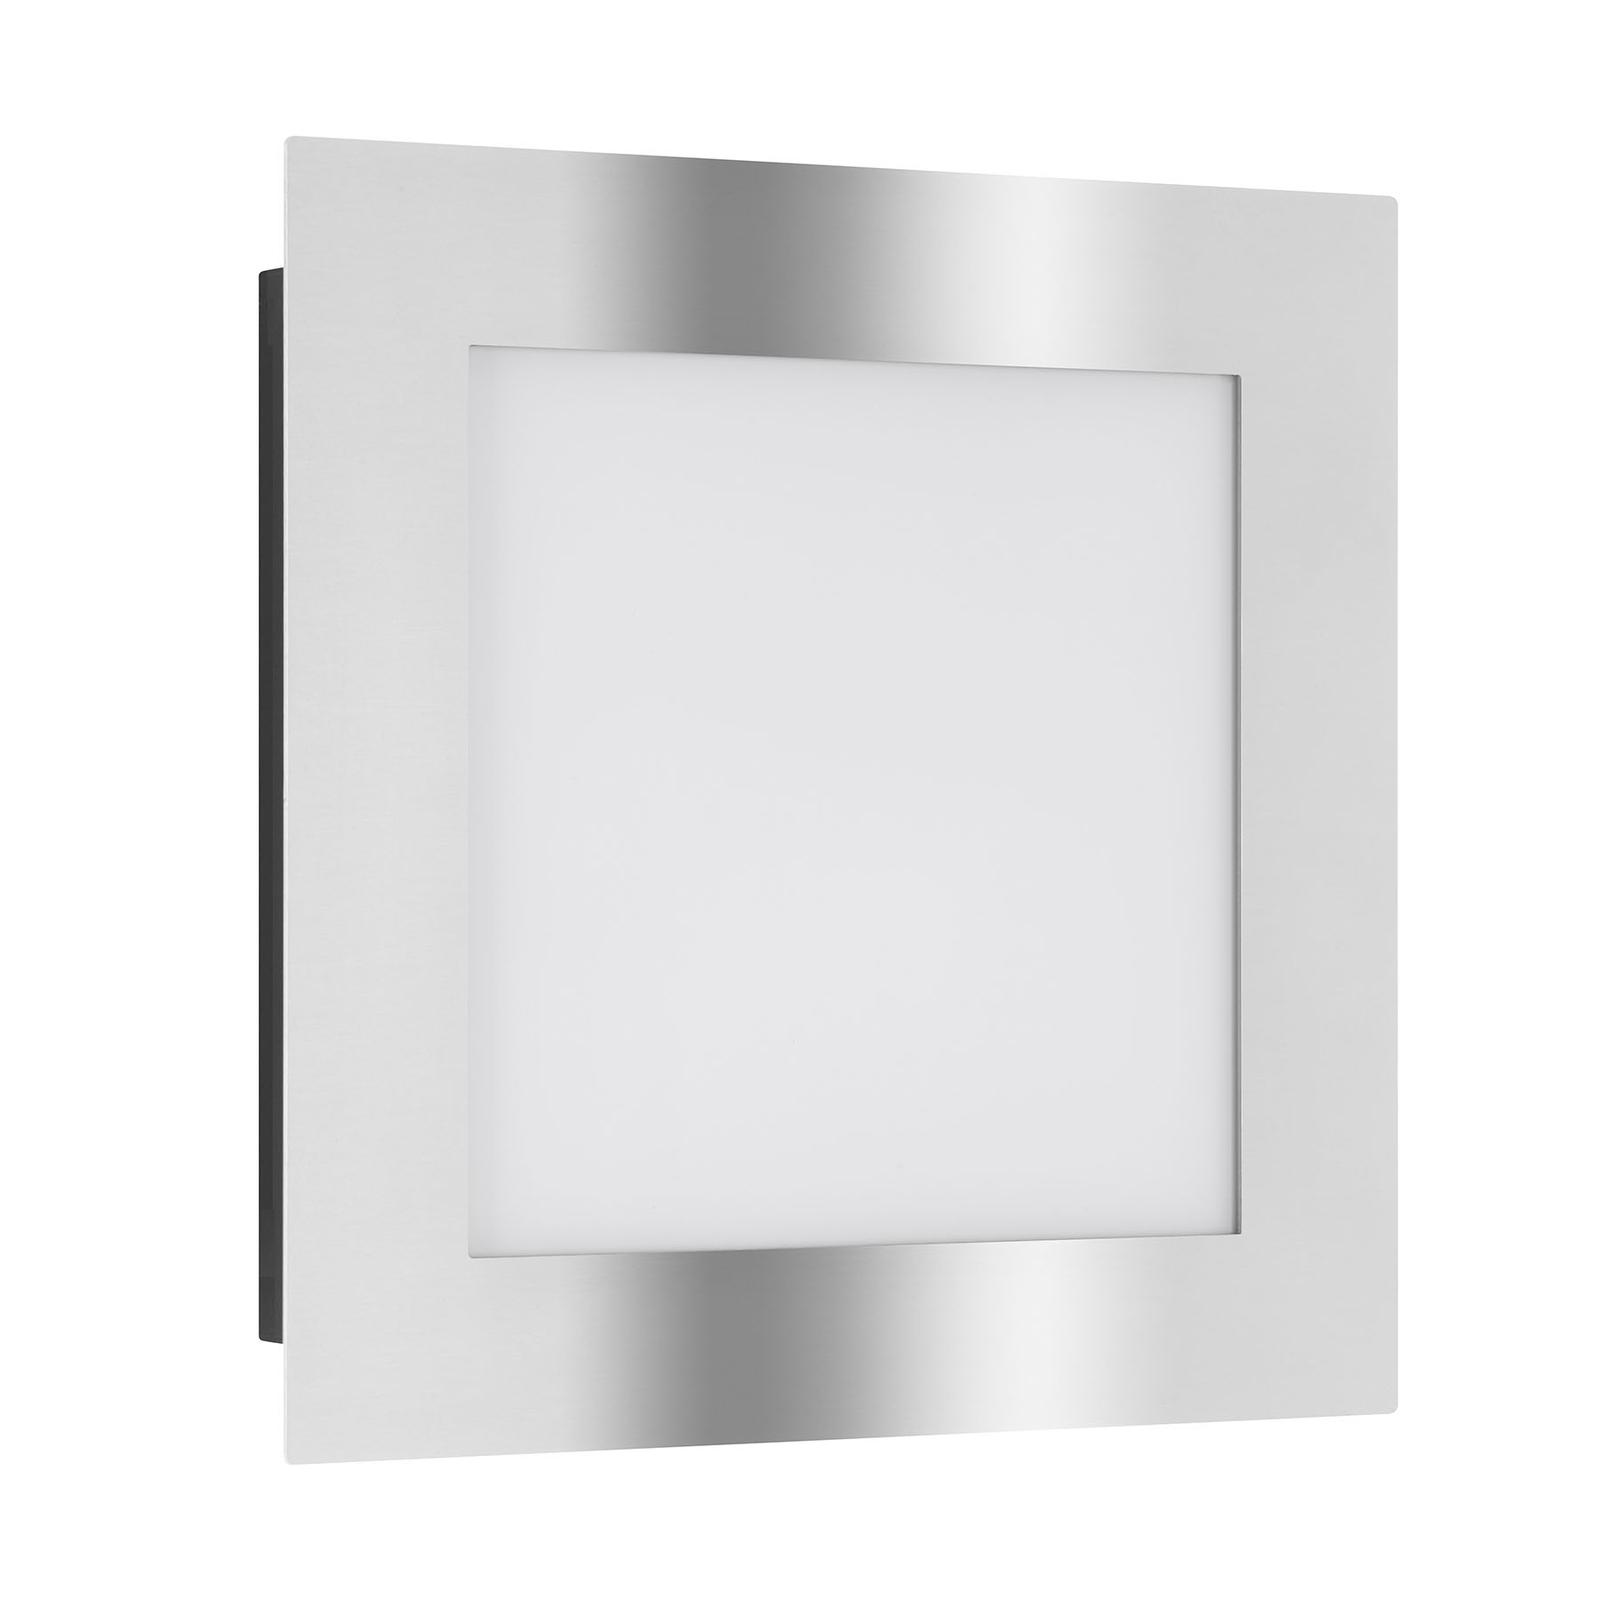 Applique d'extérieur LED 3006 en acier inoxydable